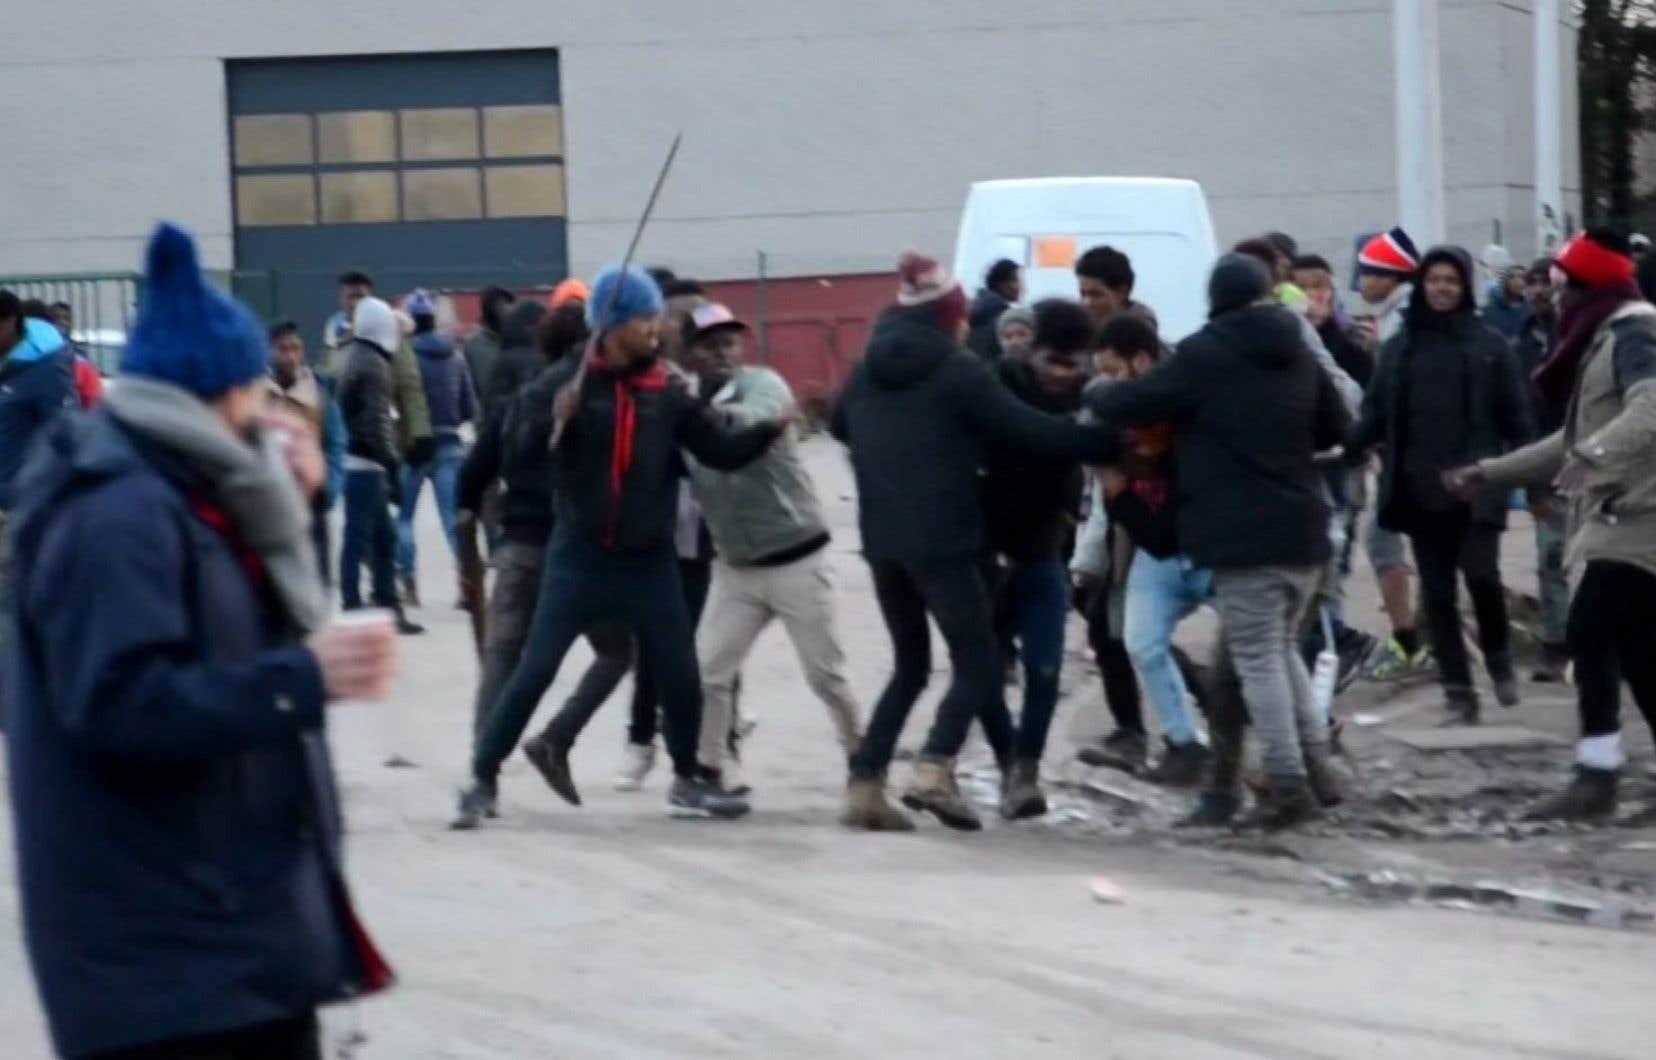 C'est le plus violent affrontement entre migrants jamais survenu à Calais.